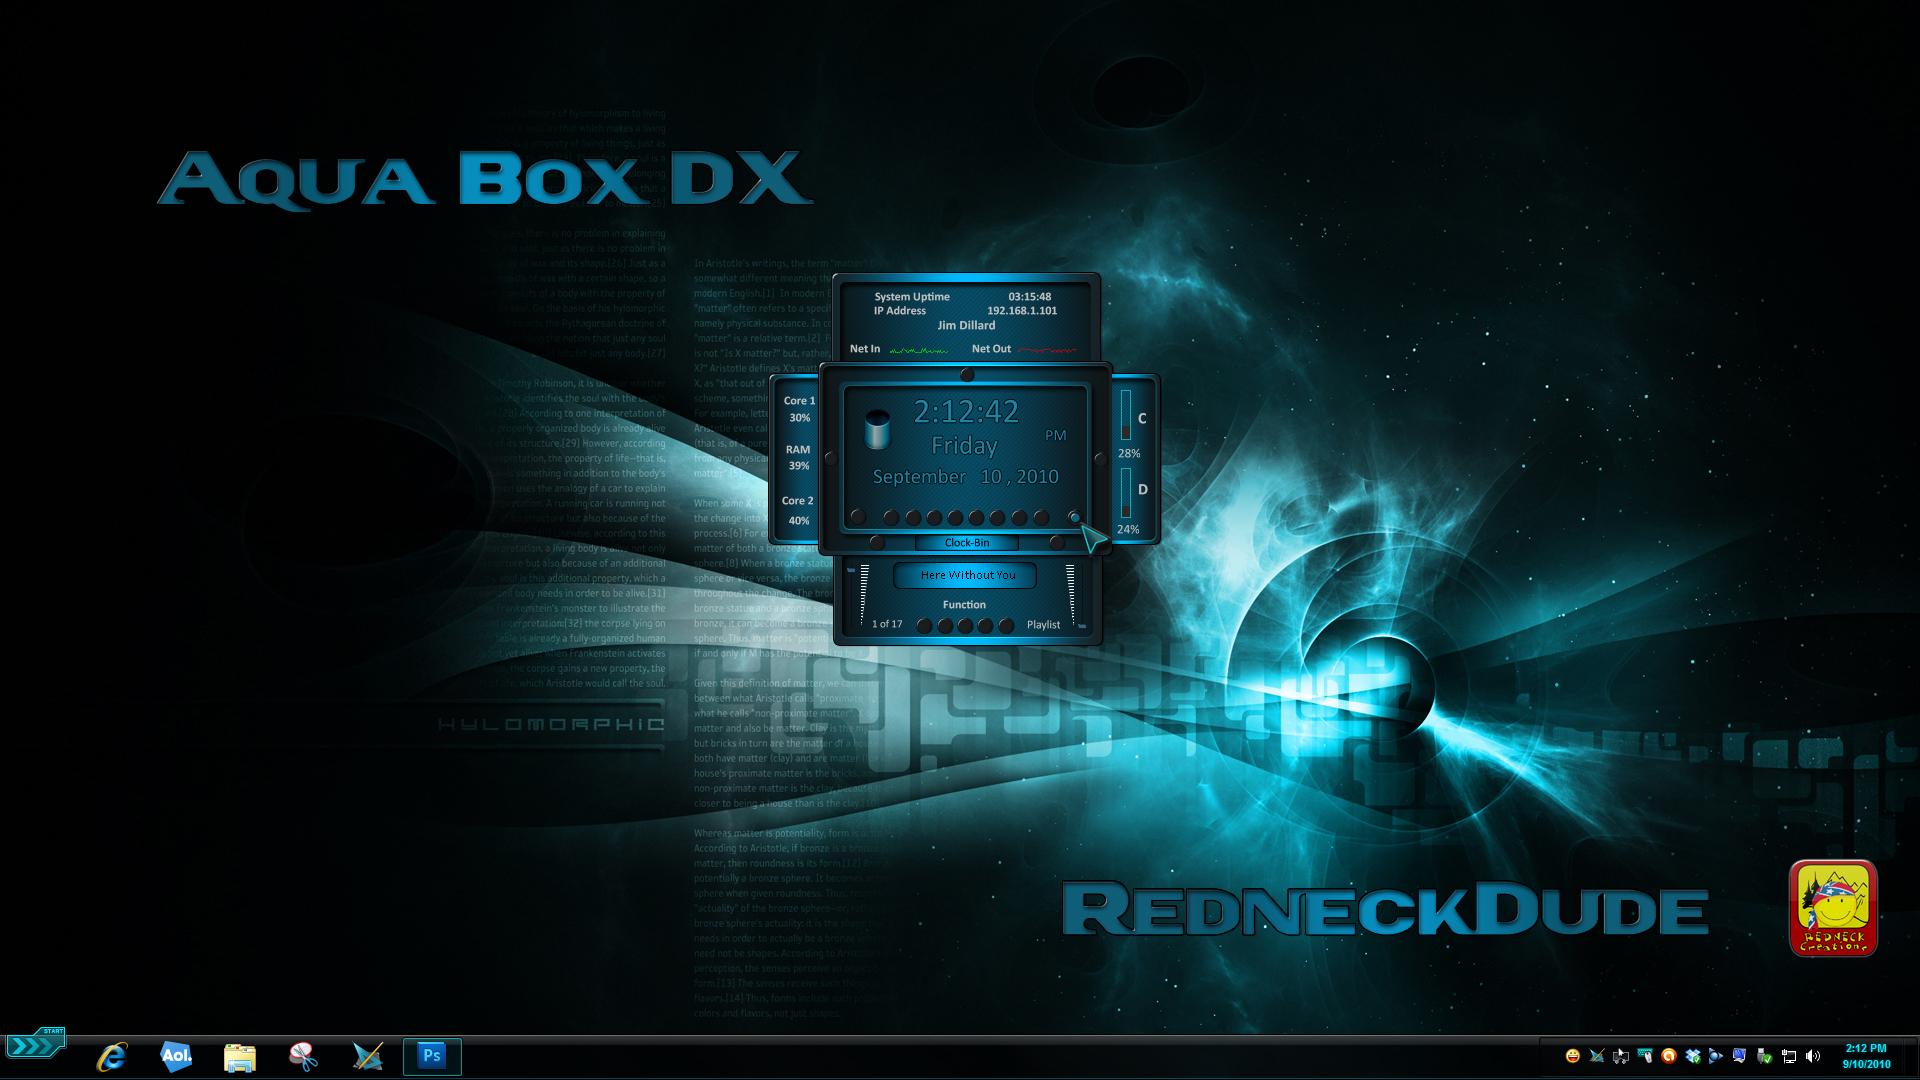 Aqua Box DX